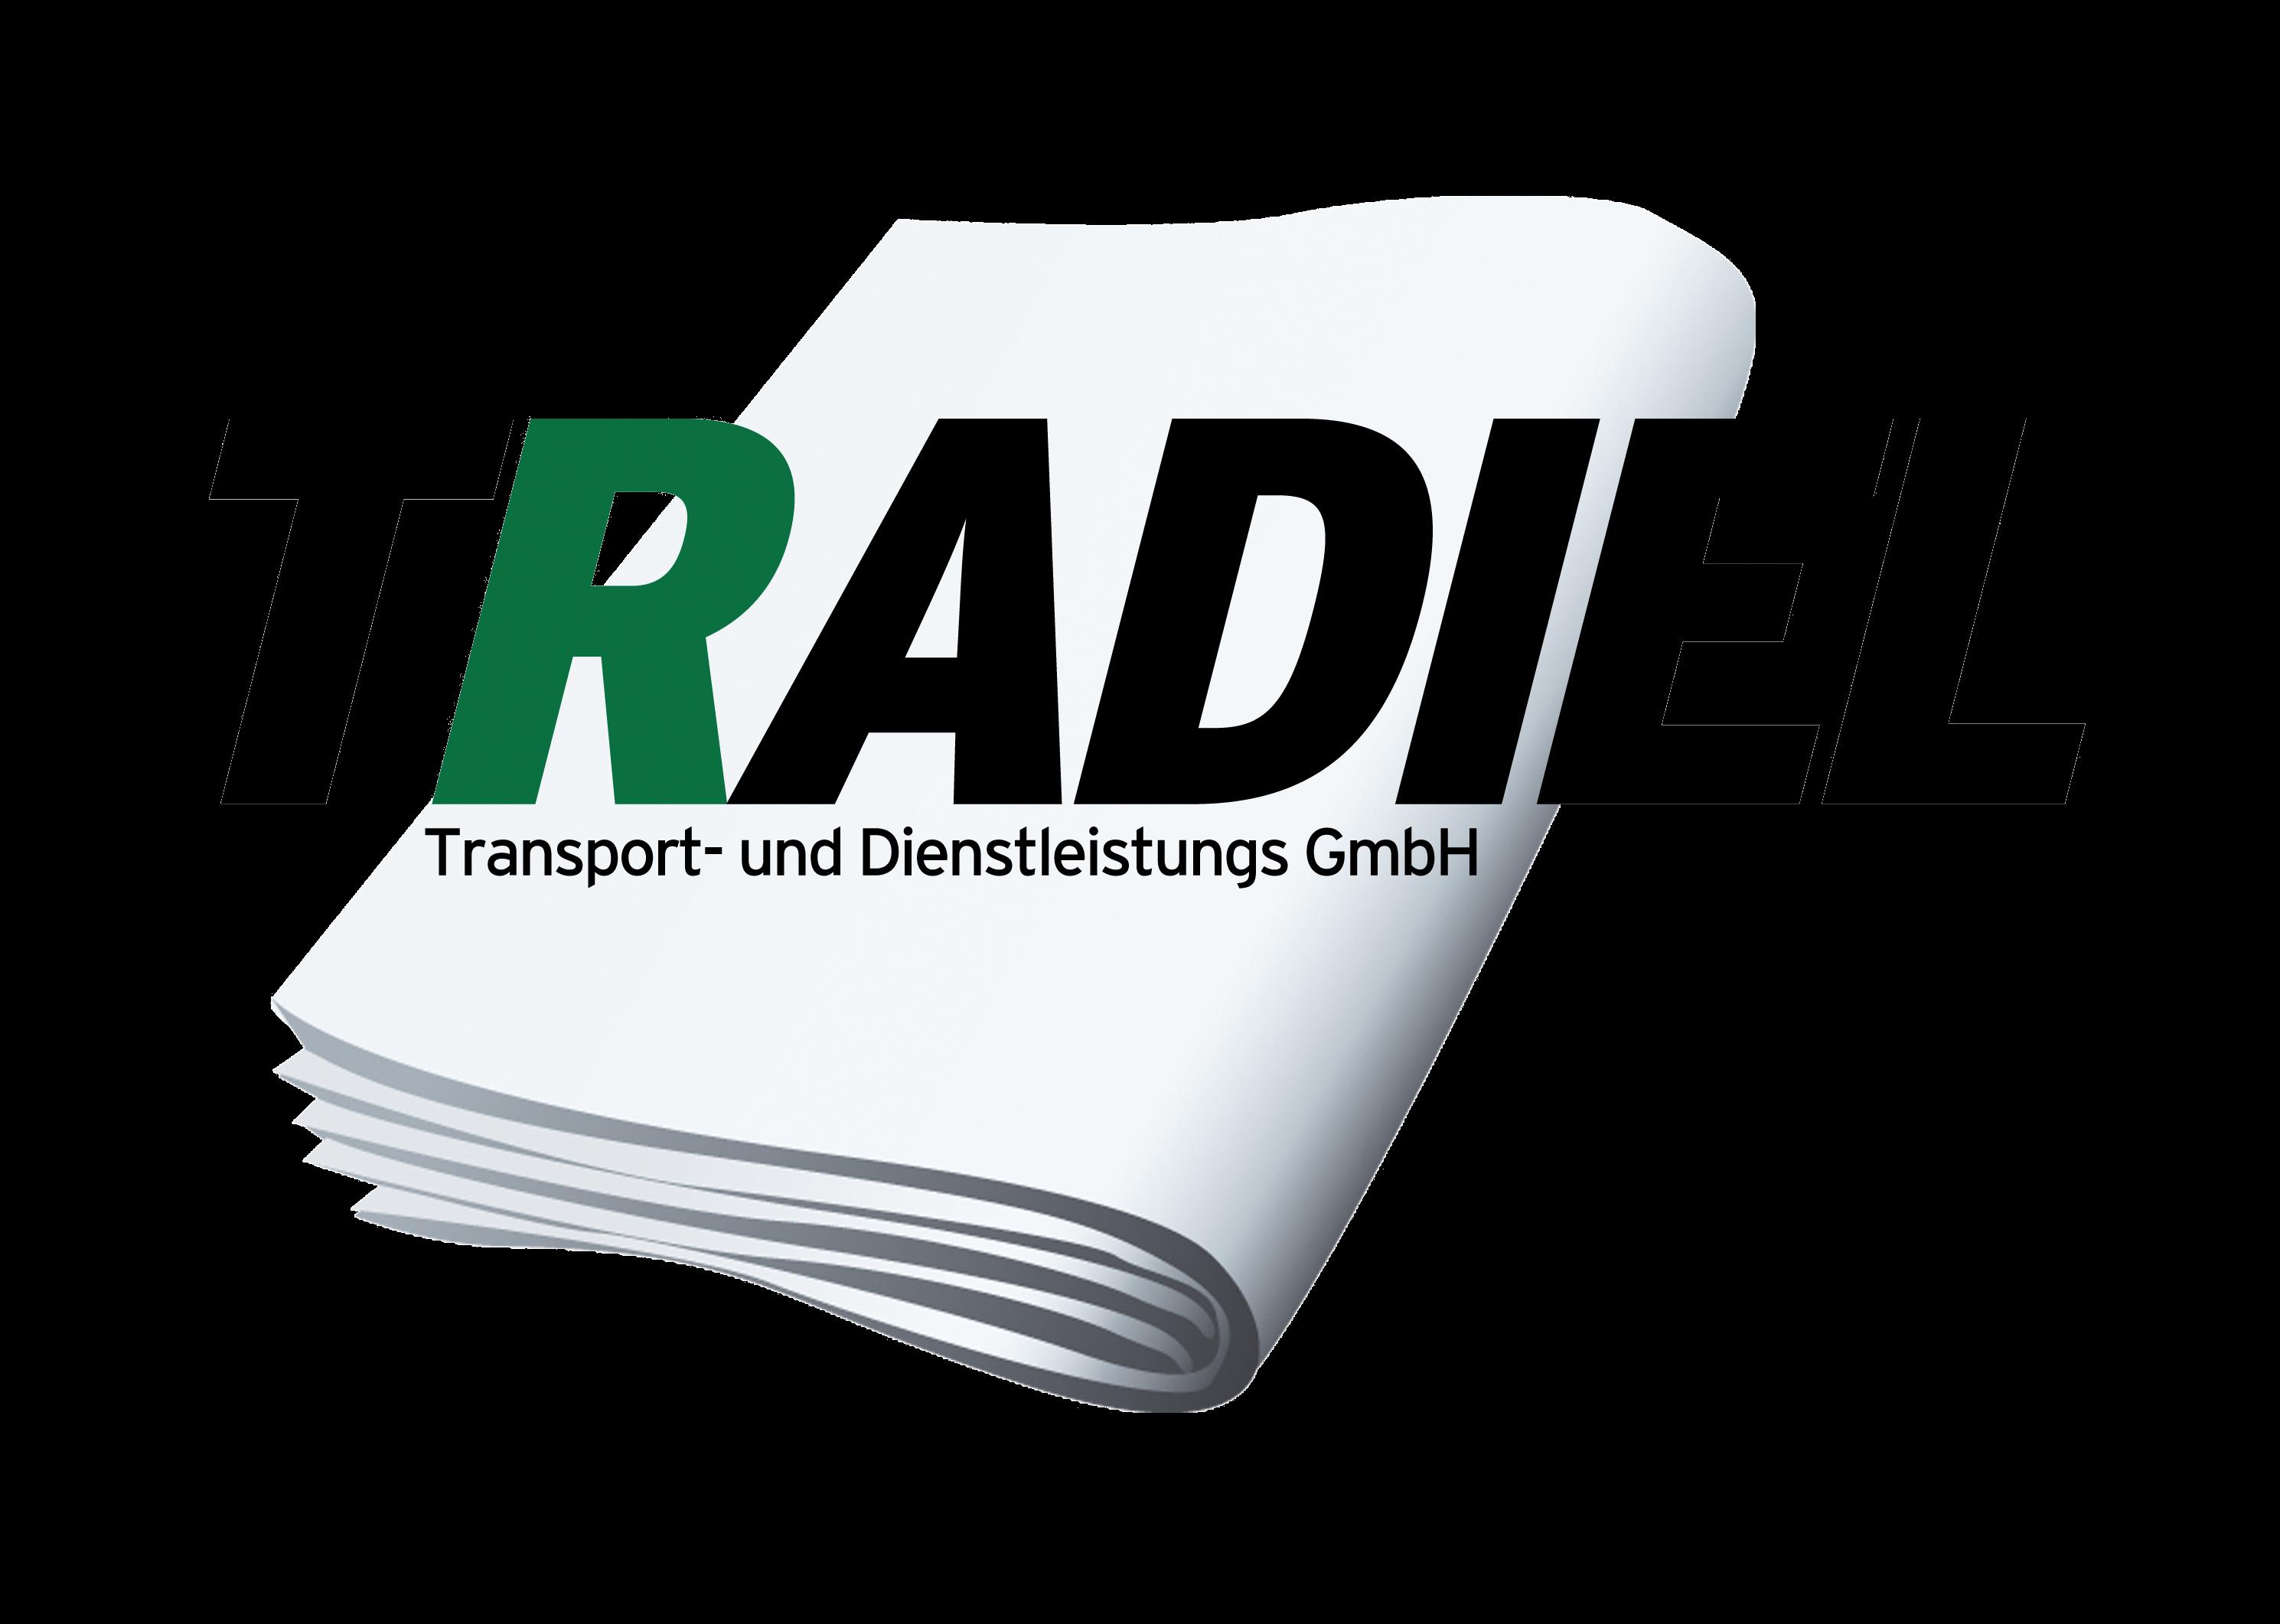 Sägewerk Düsseldorf sägewerk transporte gmbh düsseldorf pinienstraße 23a